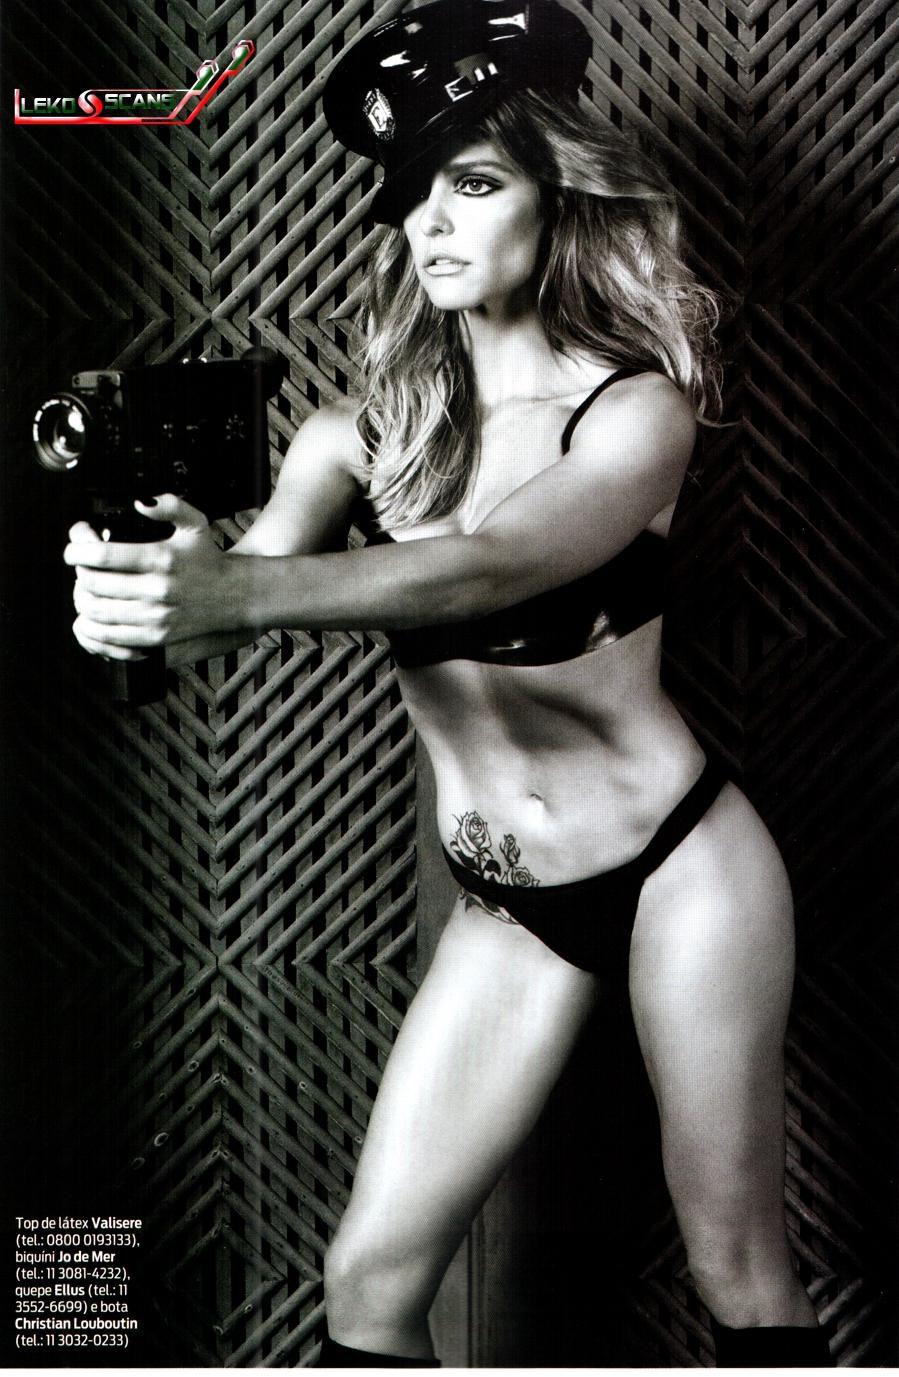 Фернанда лима бразильская модель голая 4 фотография